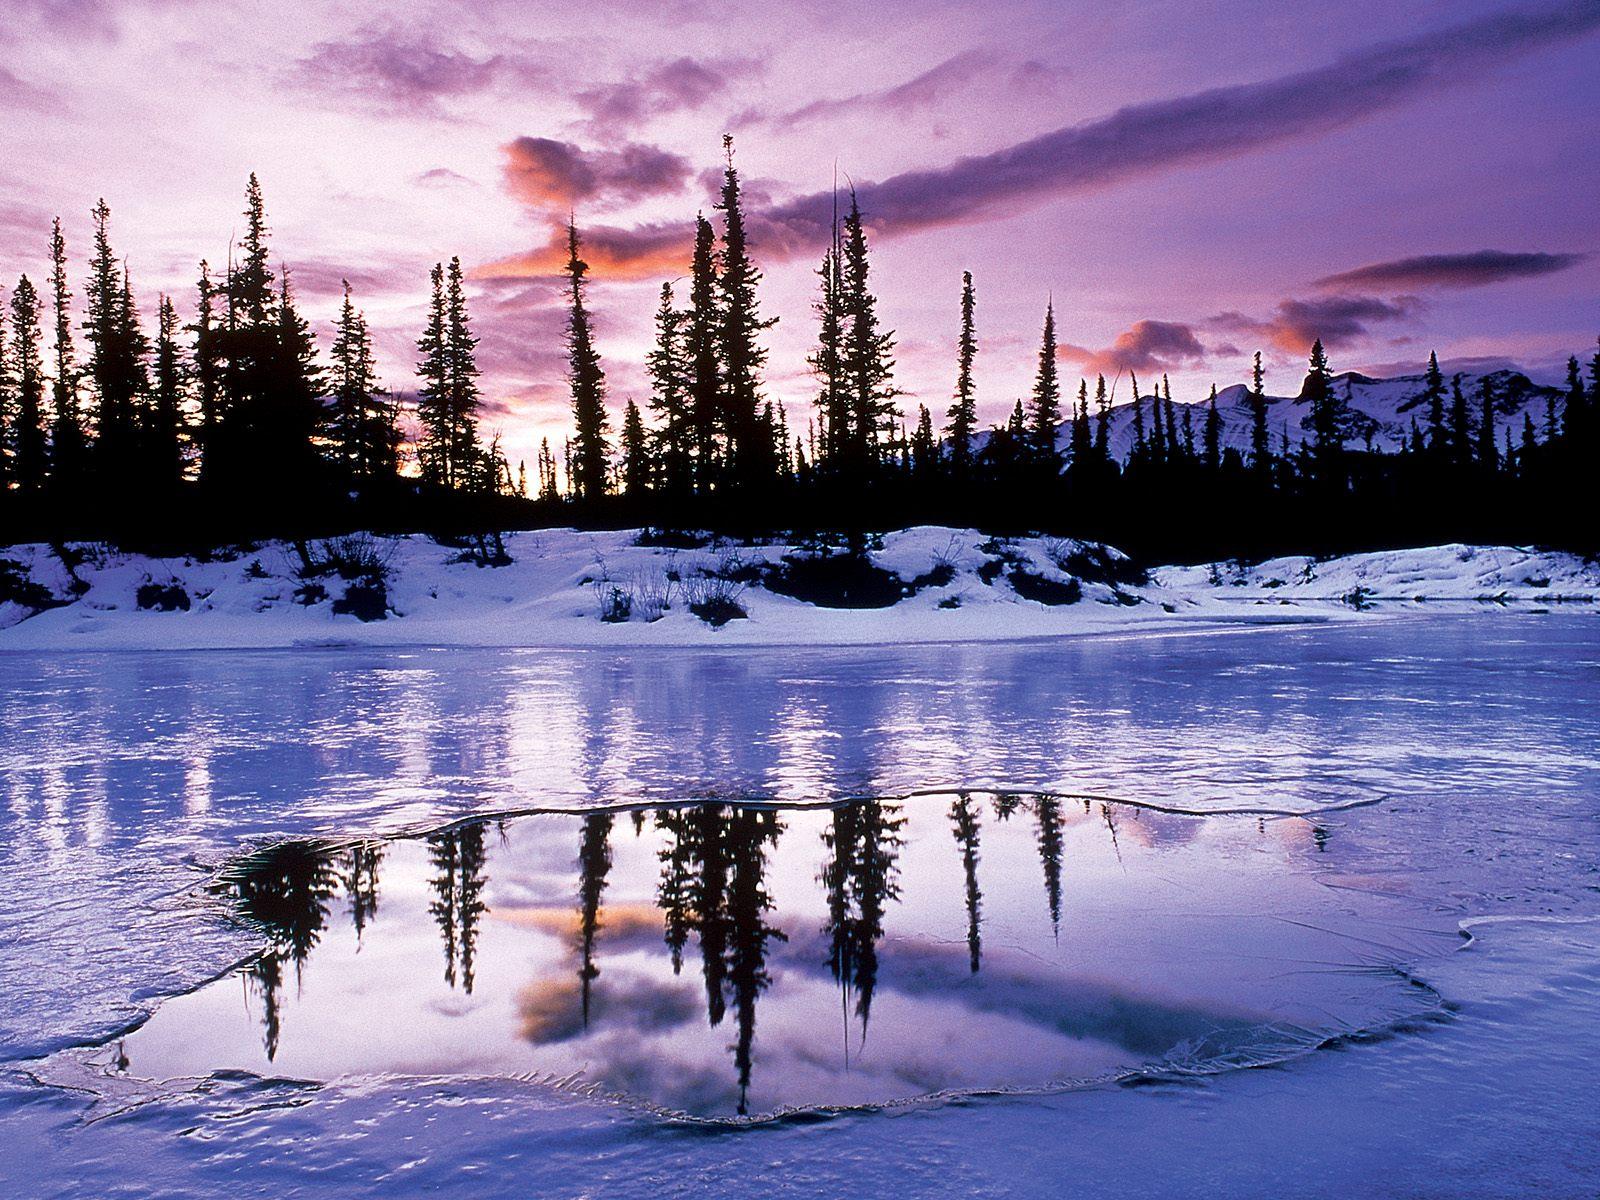 природа озеро отражение лес деревья снег зима без смс